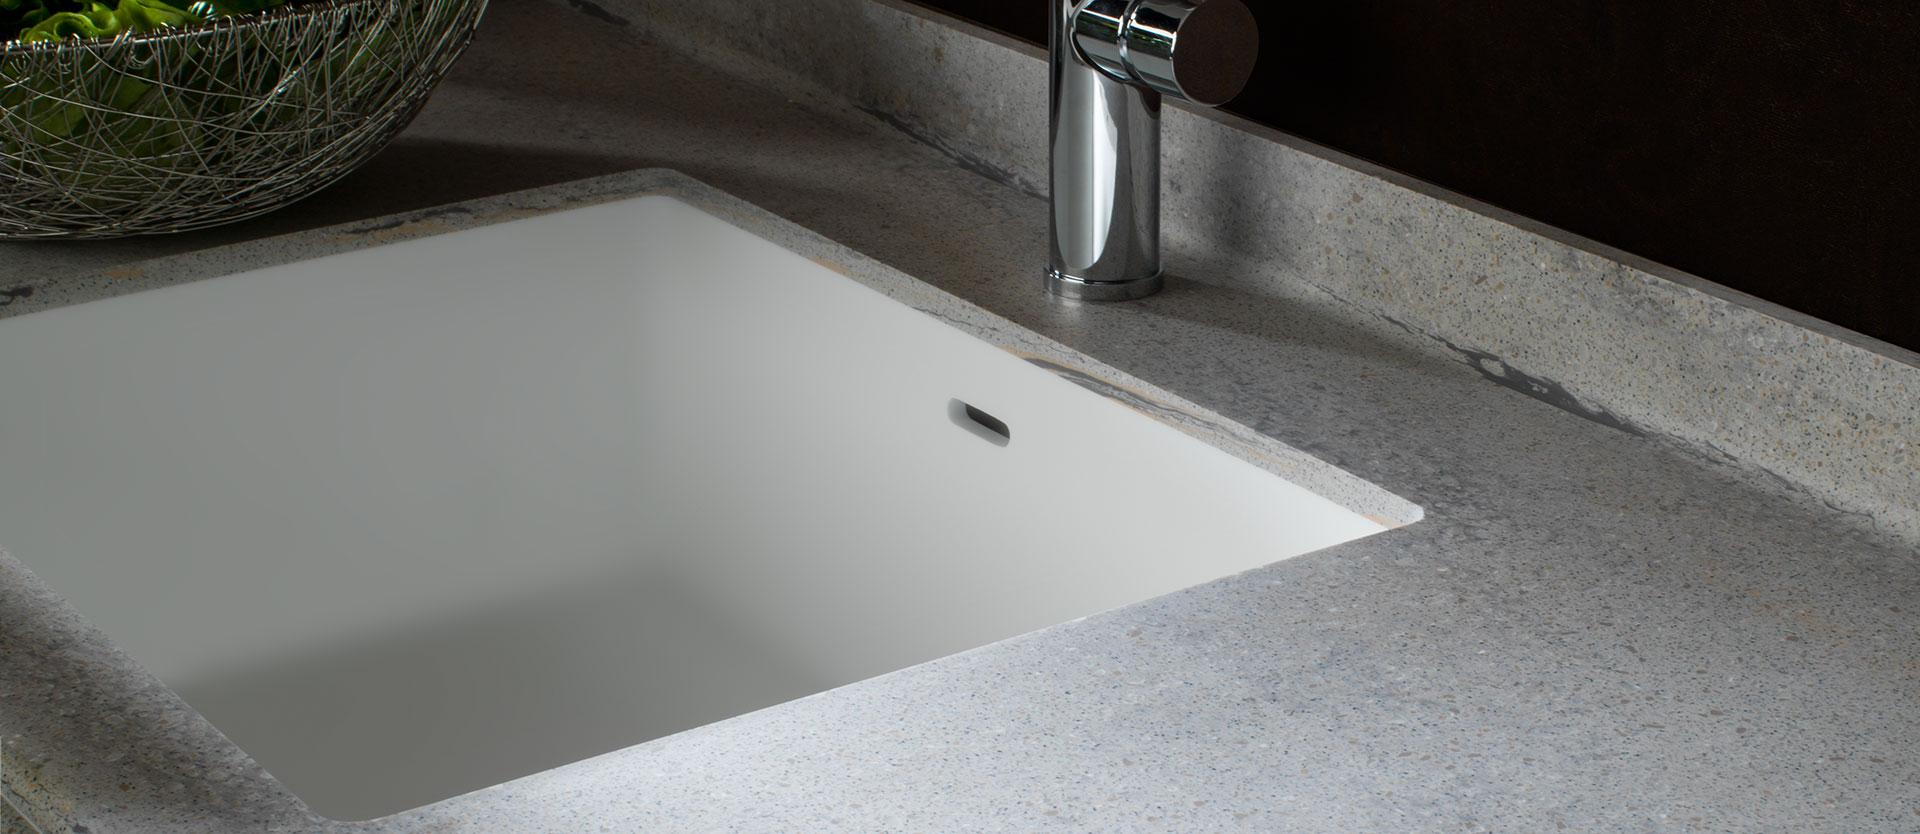 Spülbecken für die Küche aus Mineralwerkstoff|Solid Surface KRION®